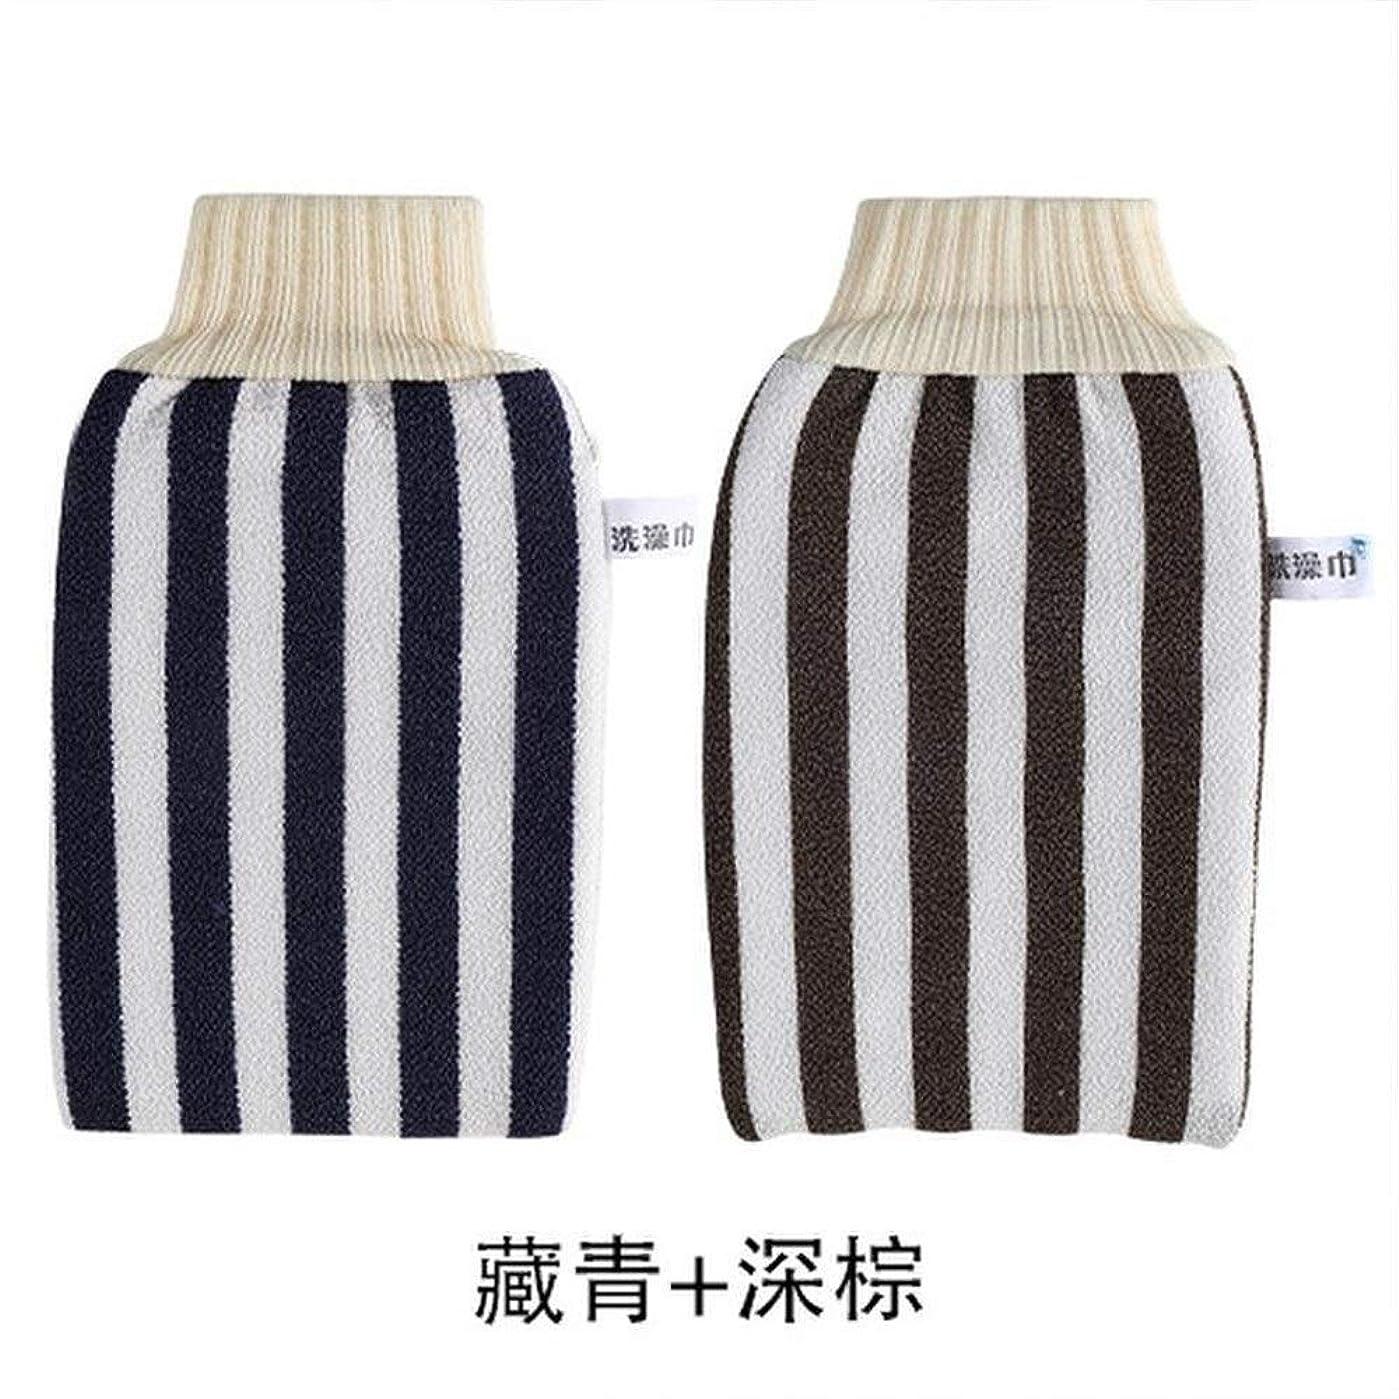 市場かなりの降臨BTXXYJP お風呂用手袋 シャワー手袋 あかすり ボディブラシ ボディタオル やわらか 角質除去 (Color : Navy+brown)